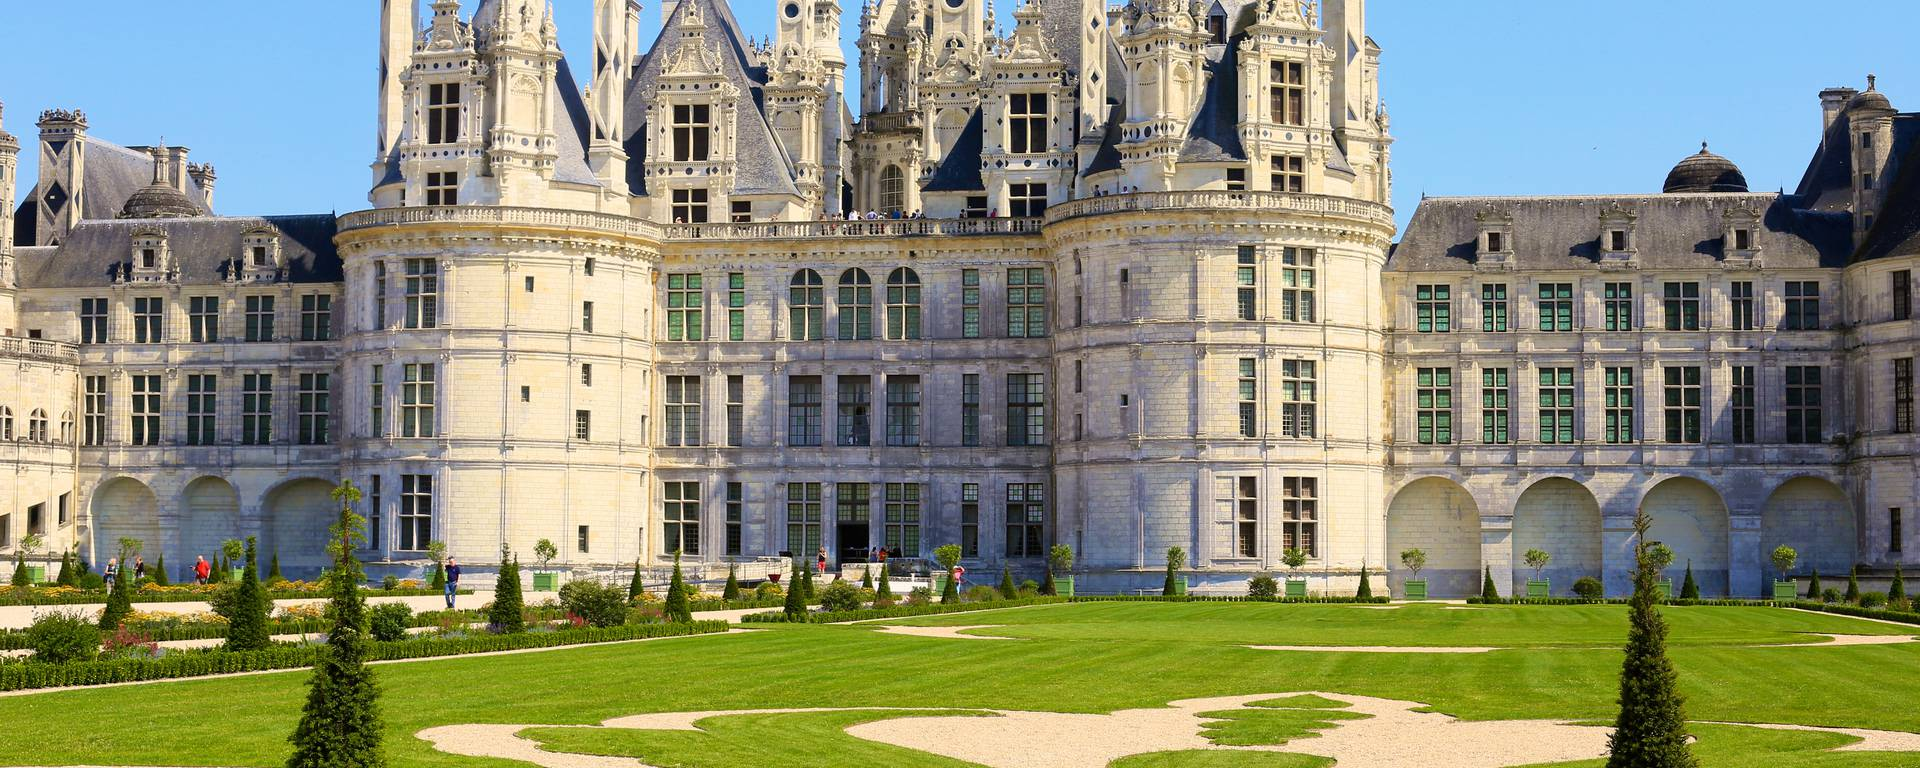 Garten und Schloss von Chambord. © Ludovic Letot